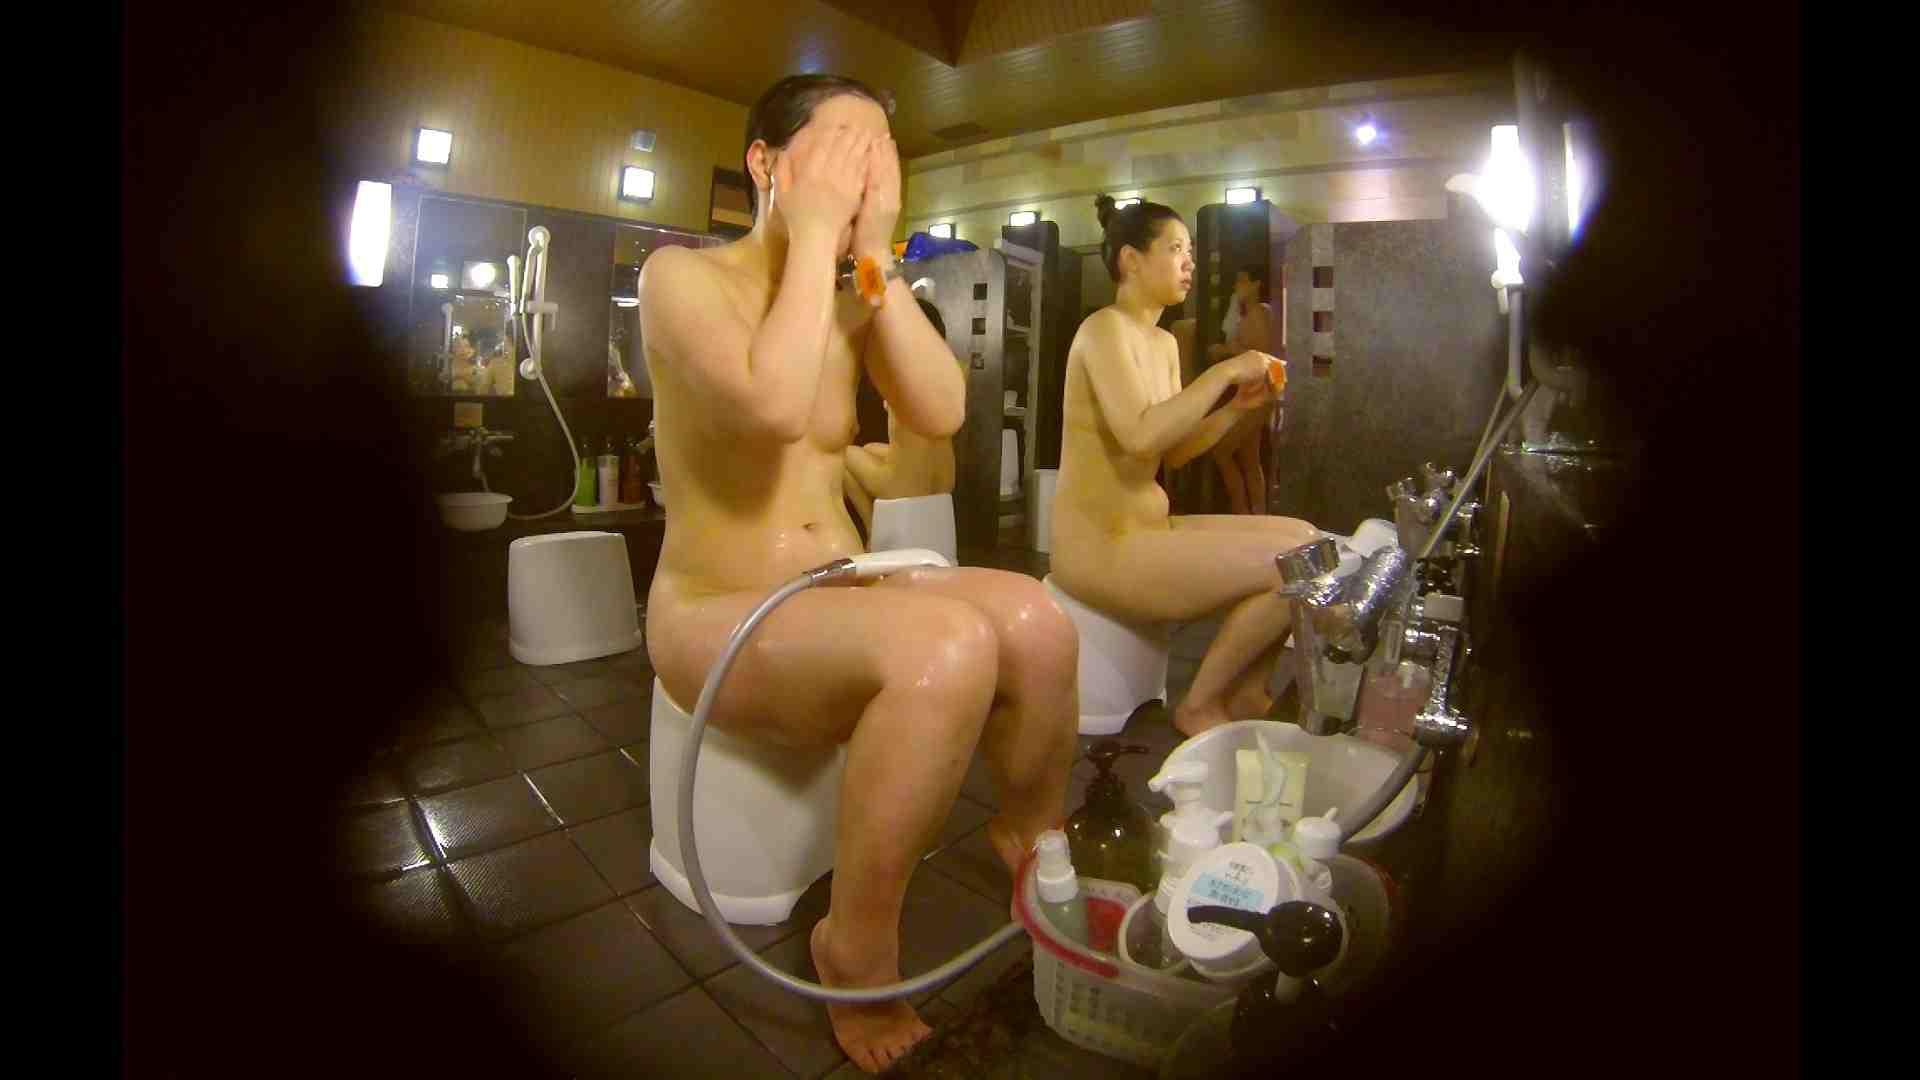 オムニバス!洗い場、通路など色々な裸体が見れてお得です。